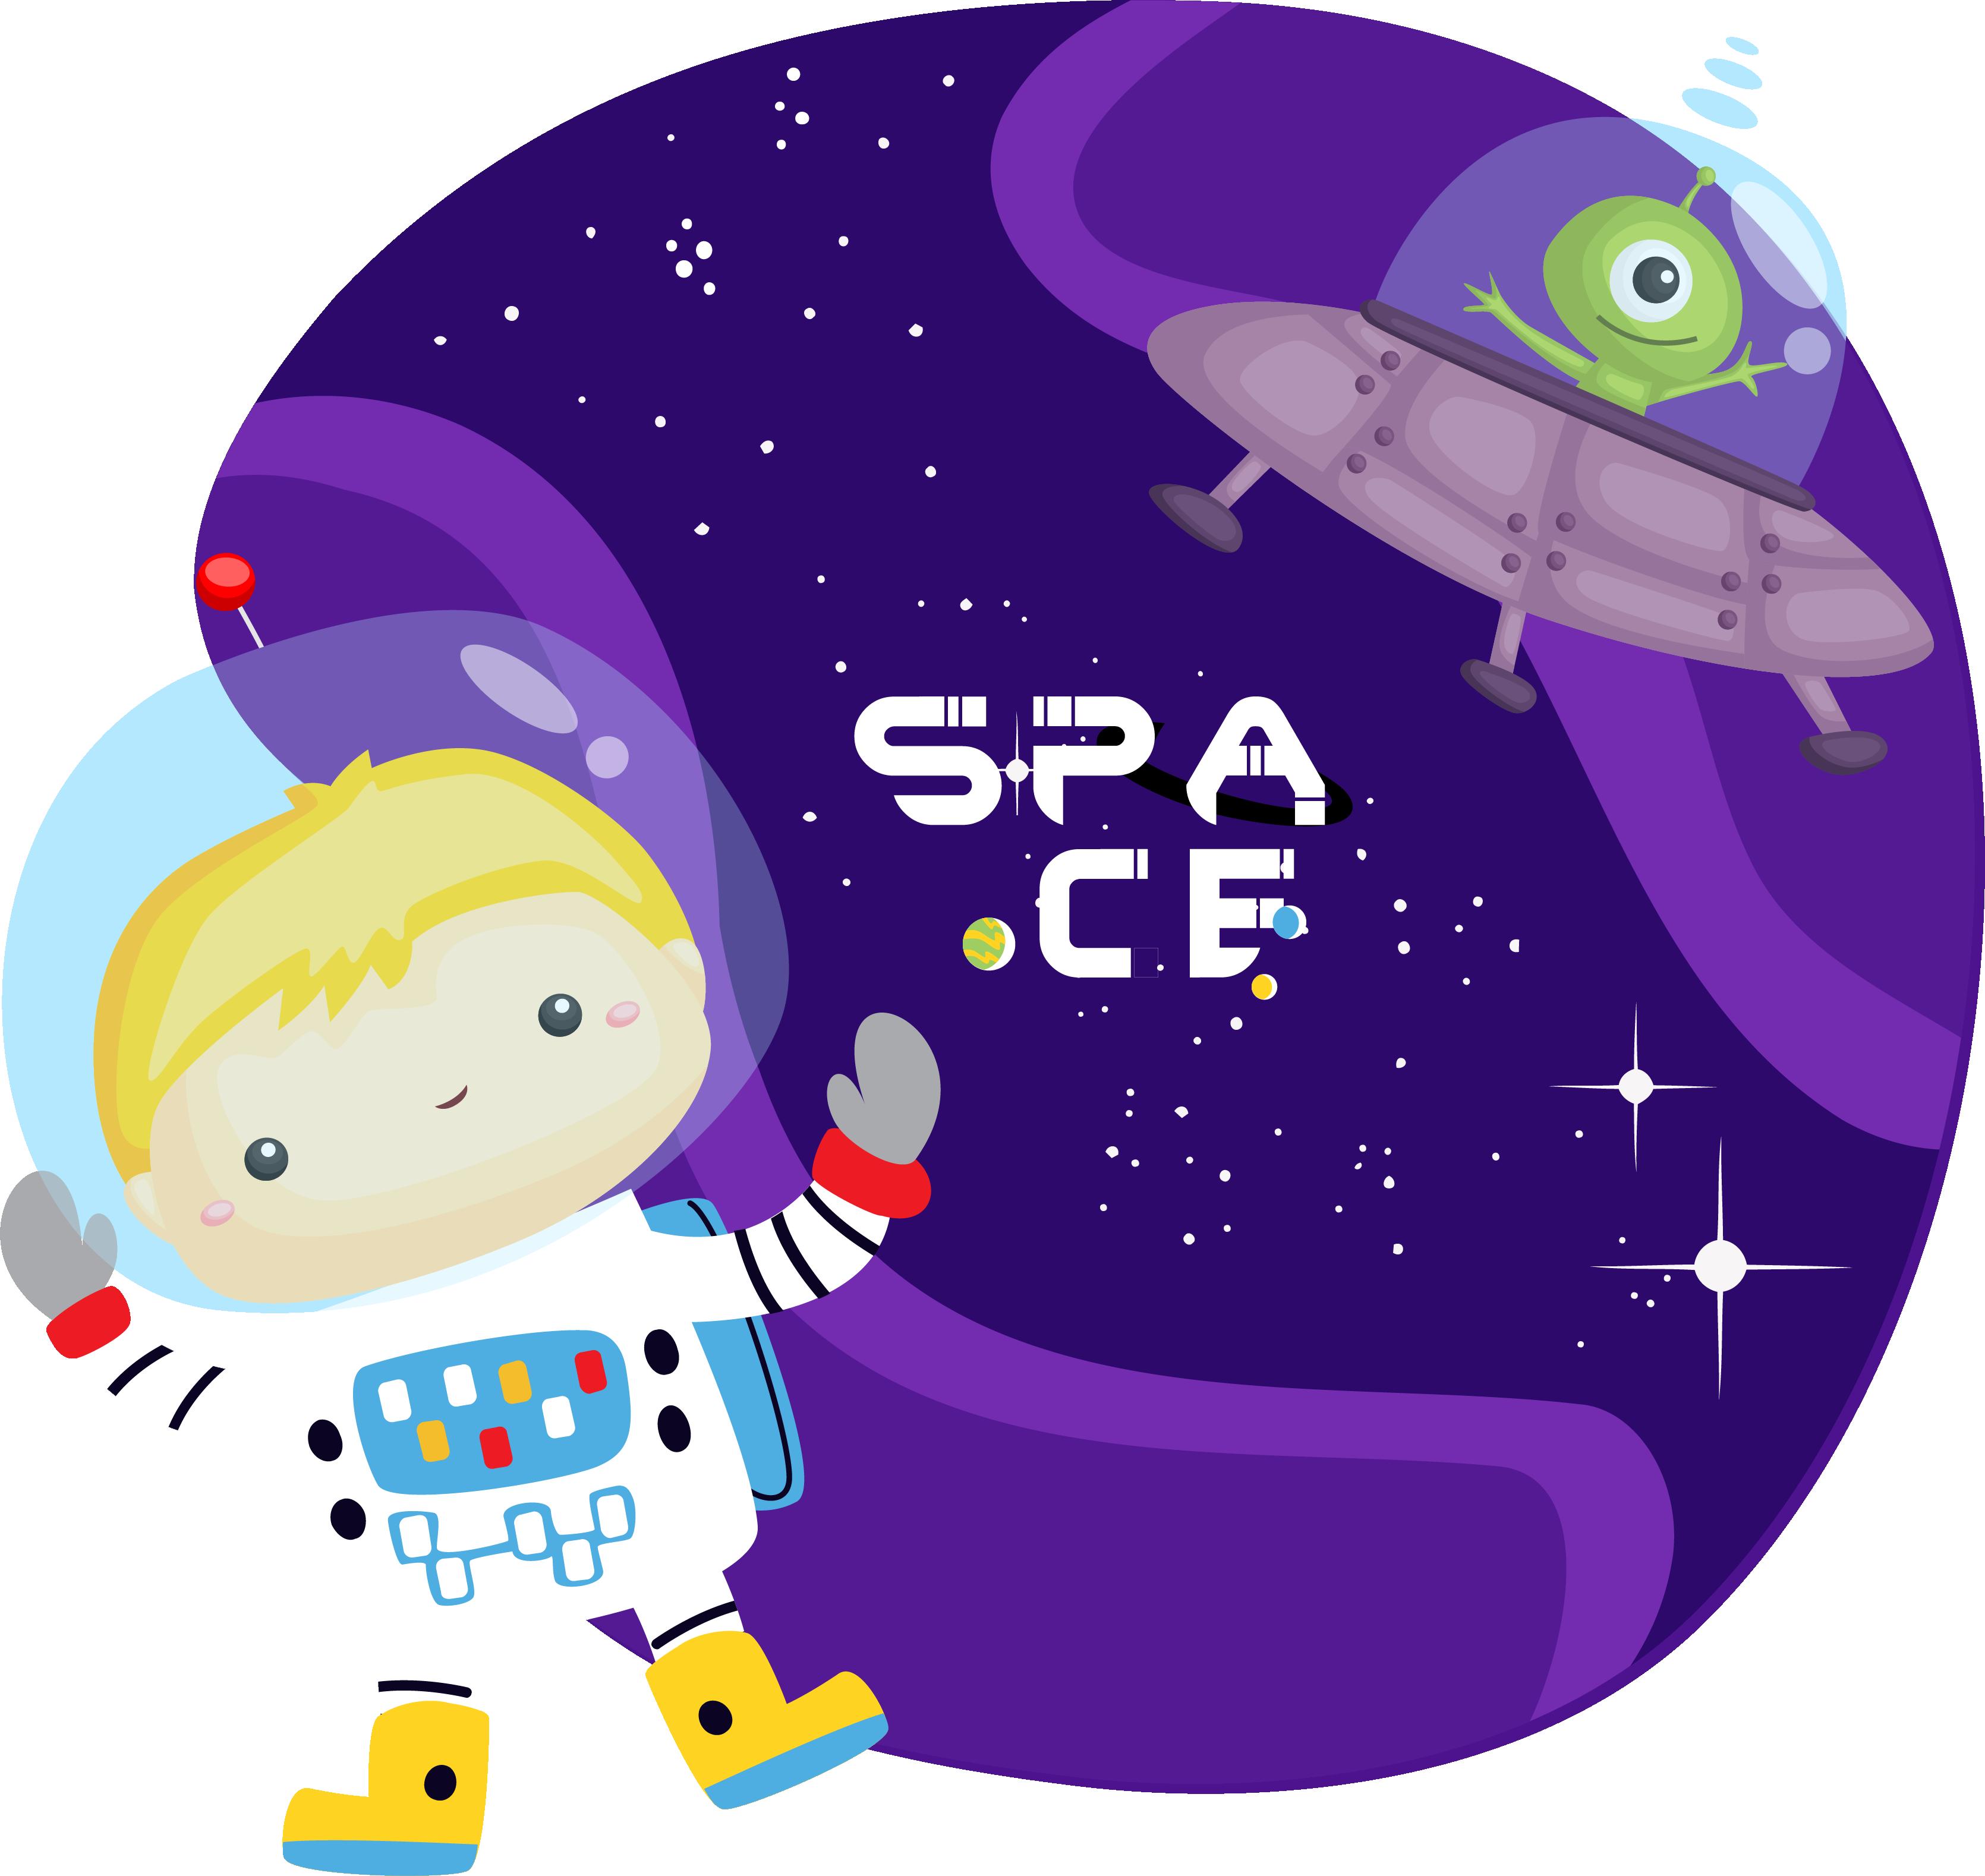 TenVinilo. Vinilo para niños espacio con astronauta. Un increíble vinilo para niños con astronauta en el espacio dibujado con el que tu hijo dejará volar su imaginación ¡Envío a domicilio!